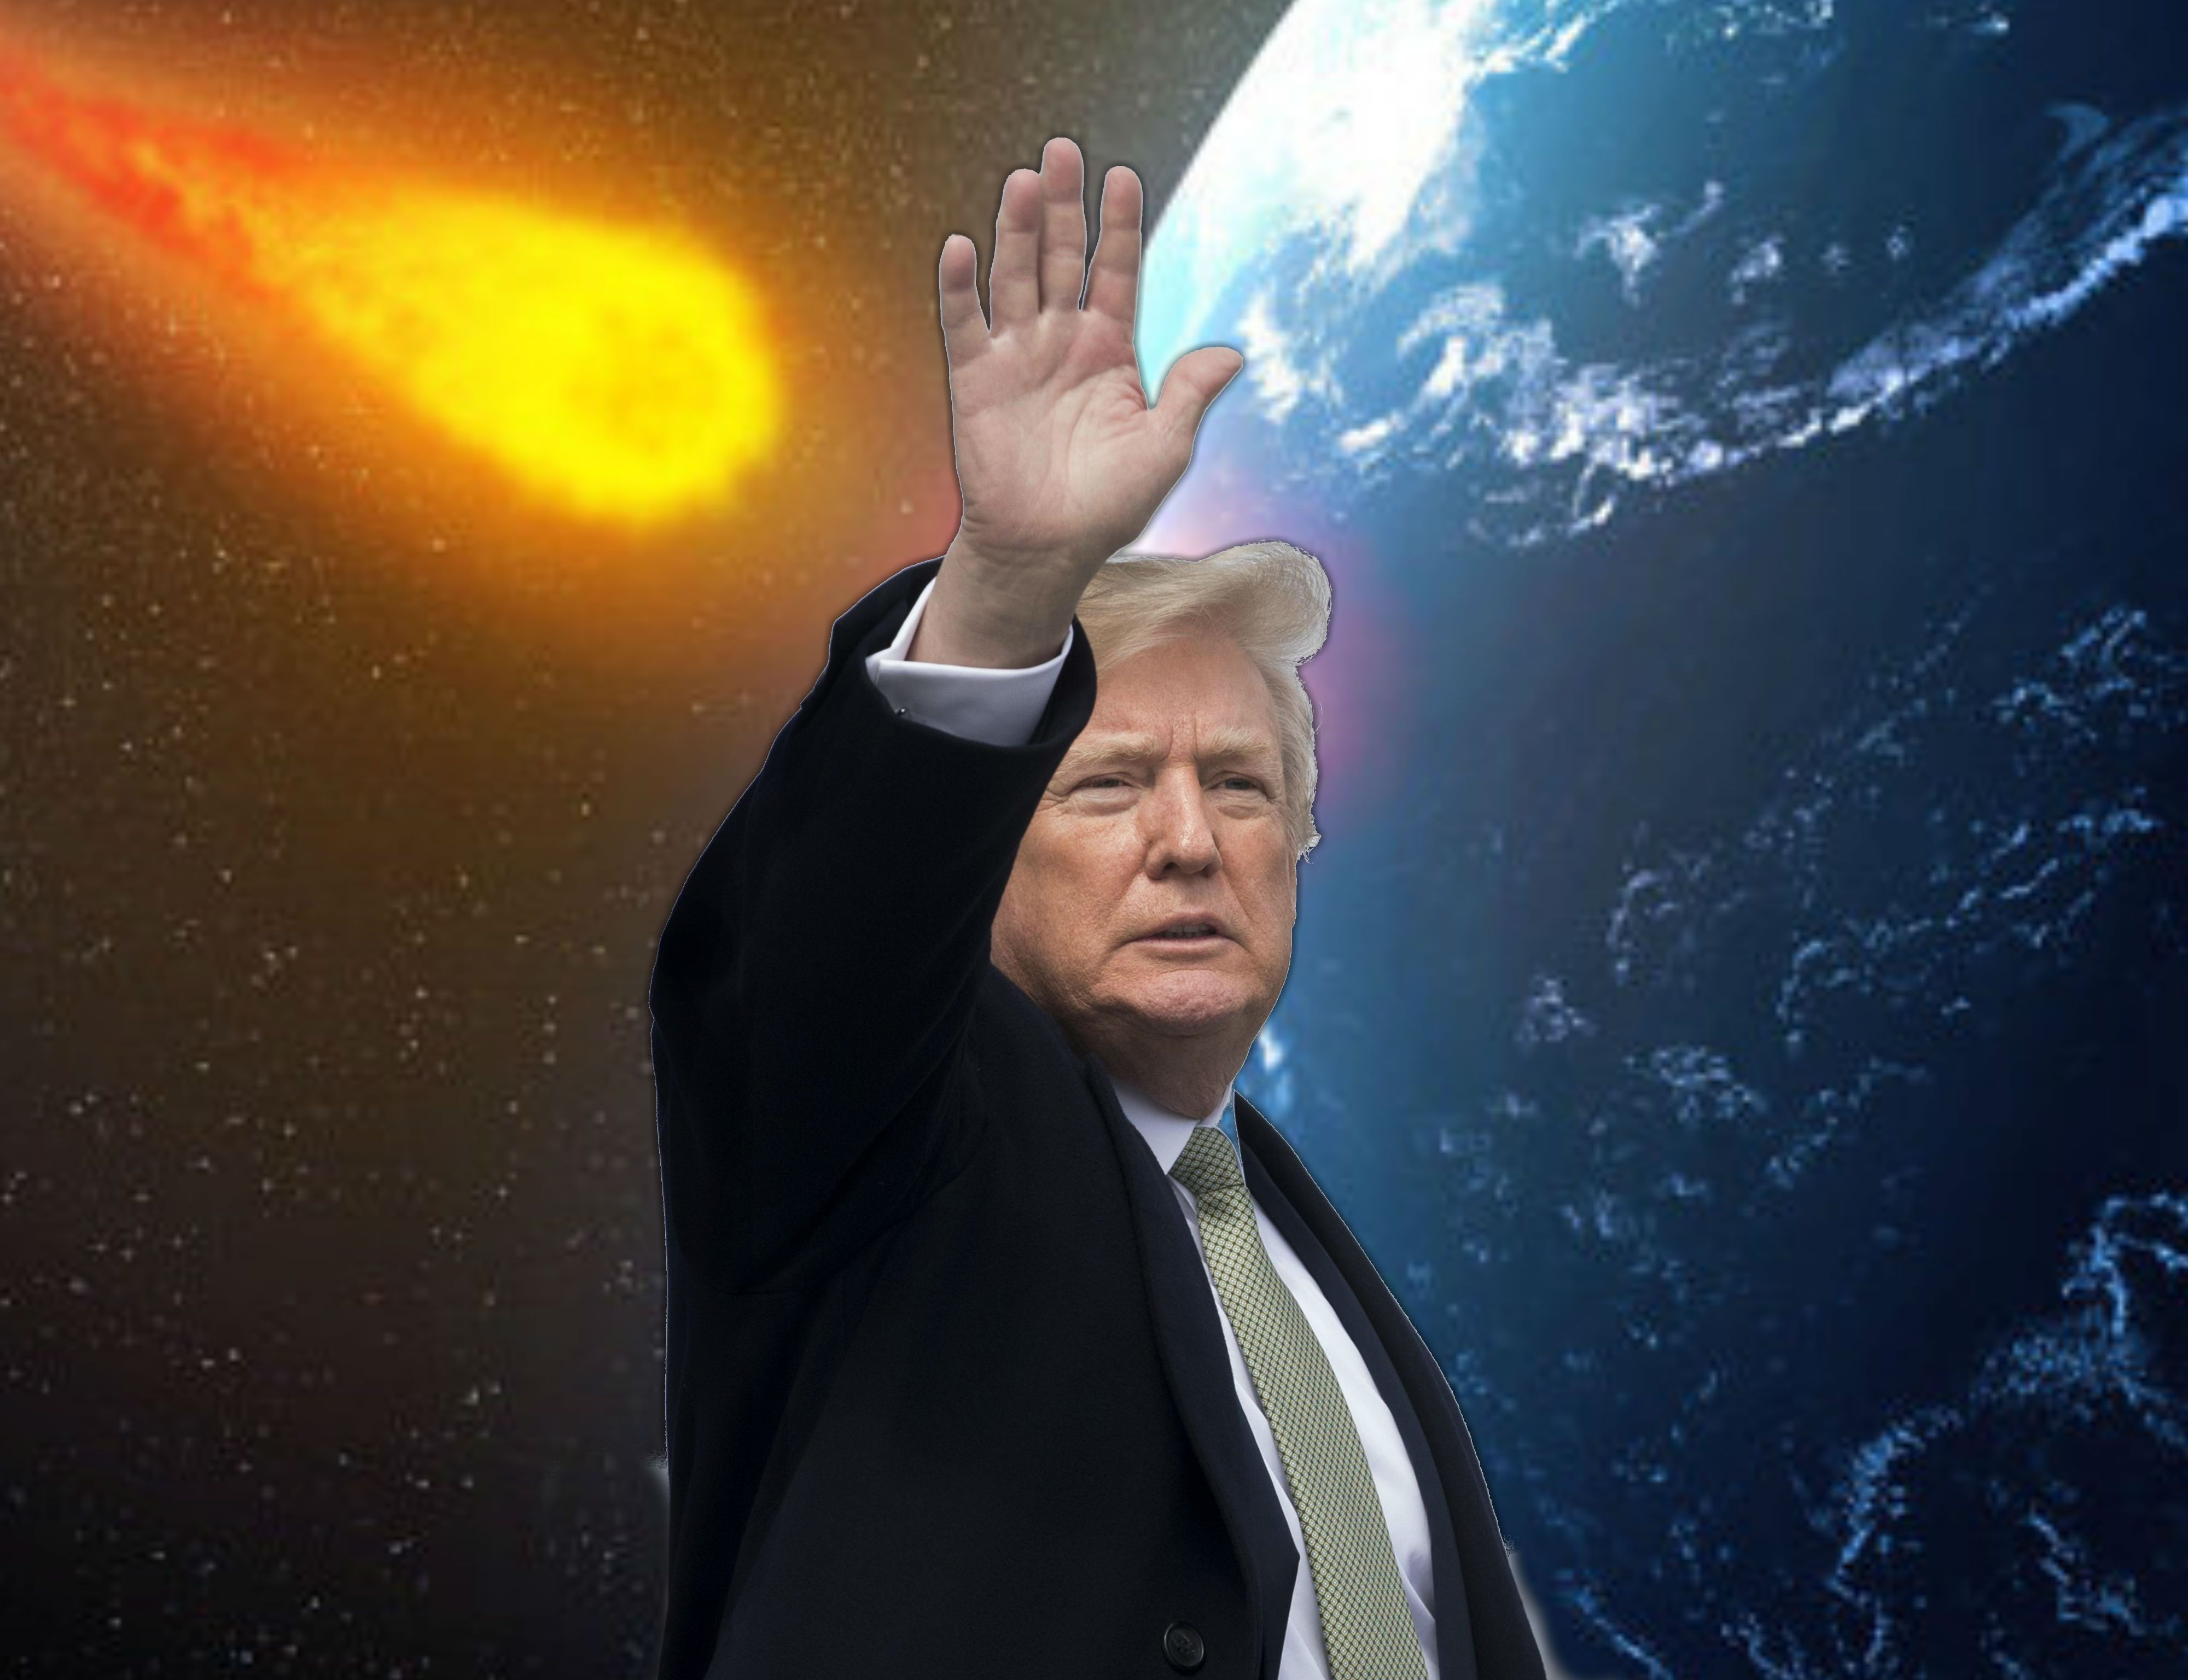 Donald Trump meteora